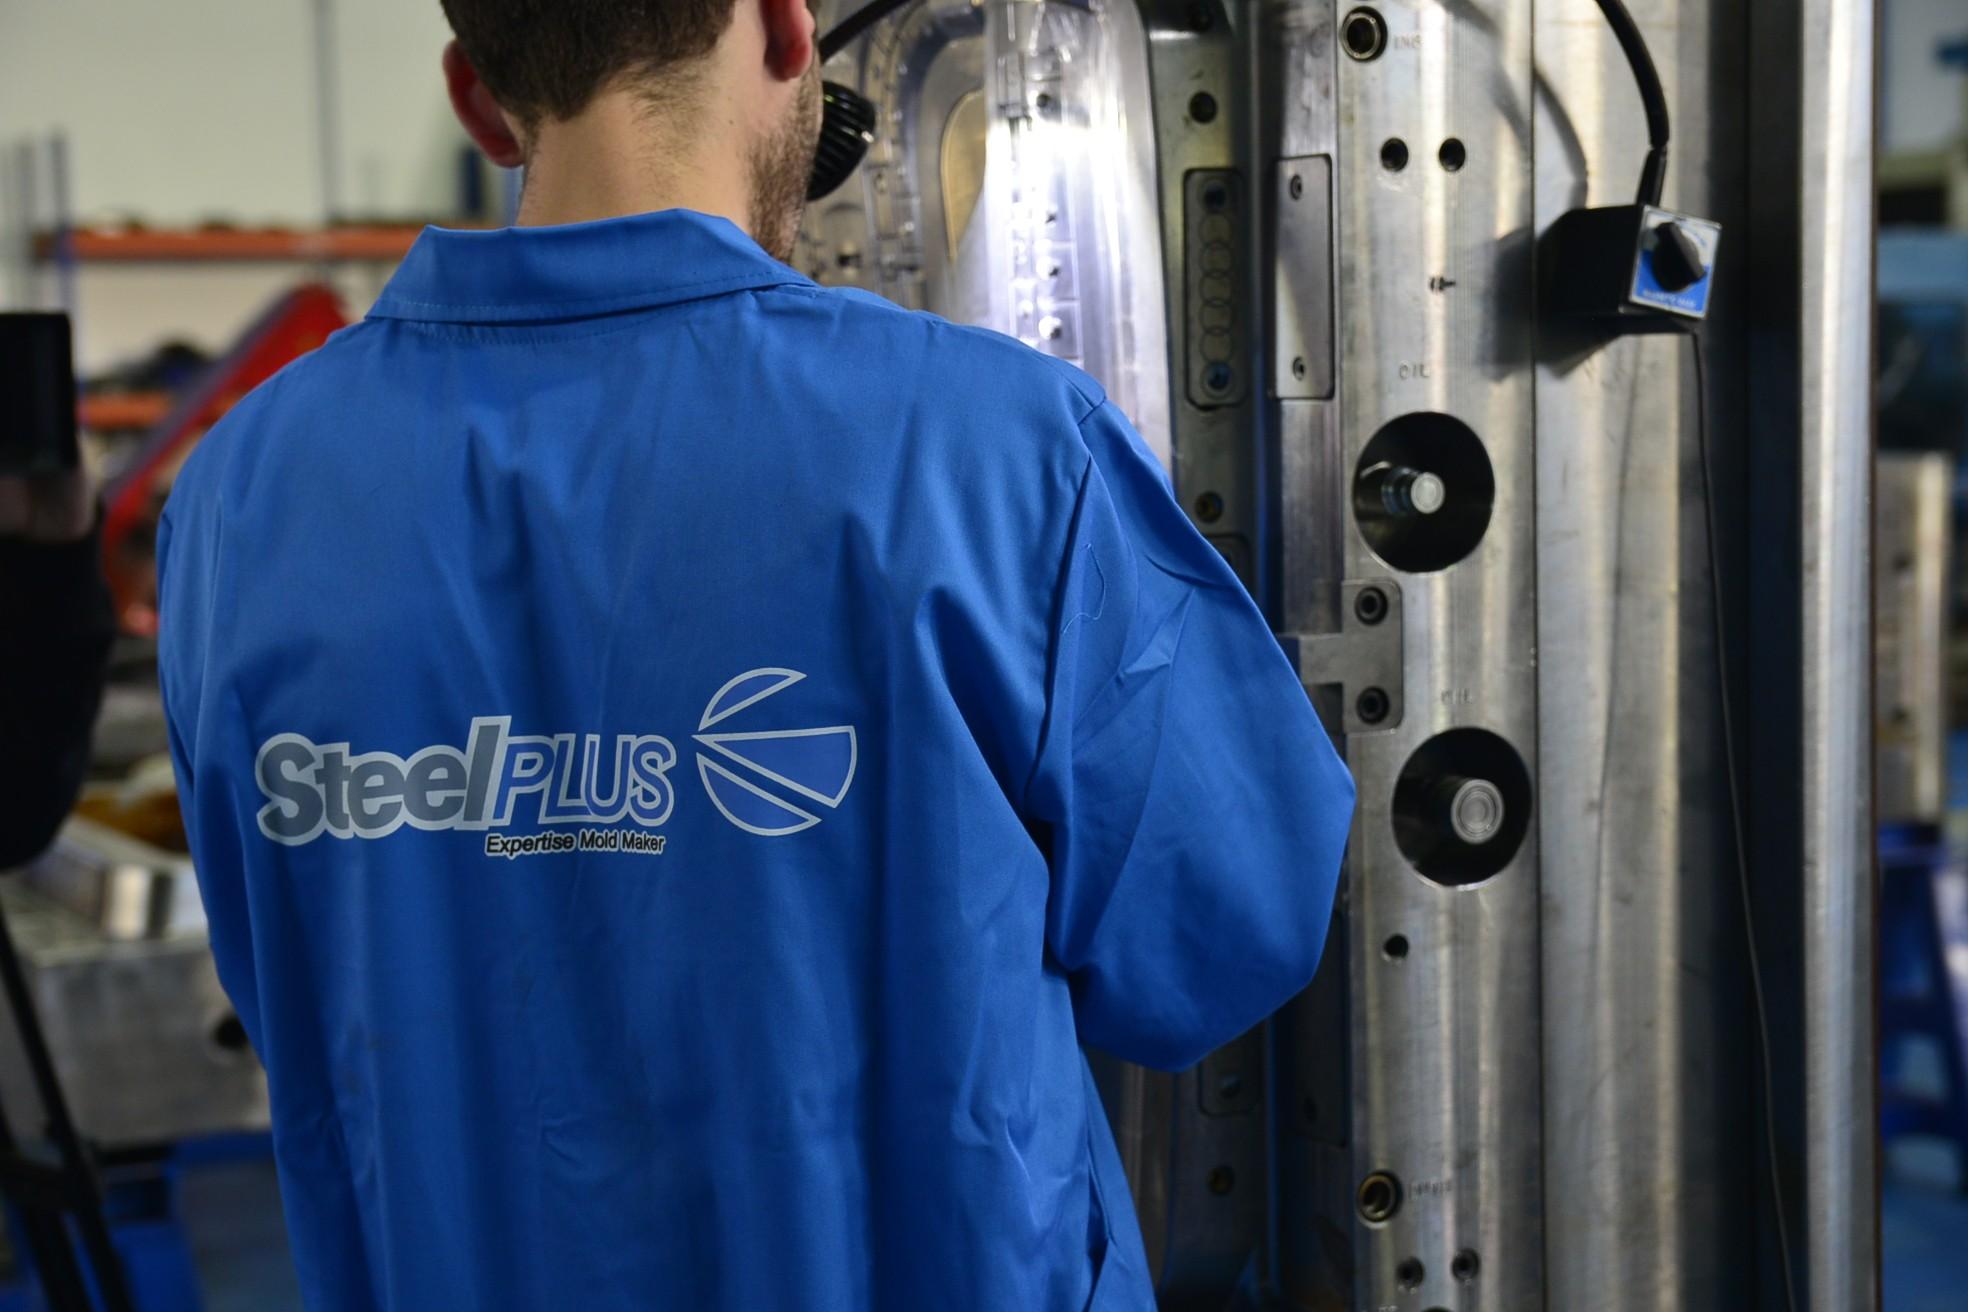 SteelPLUS - Expertise Mold Maker | LinkedIn